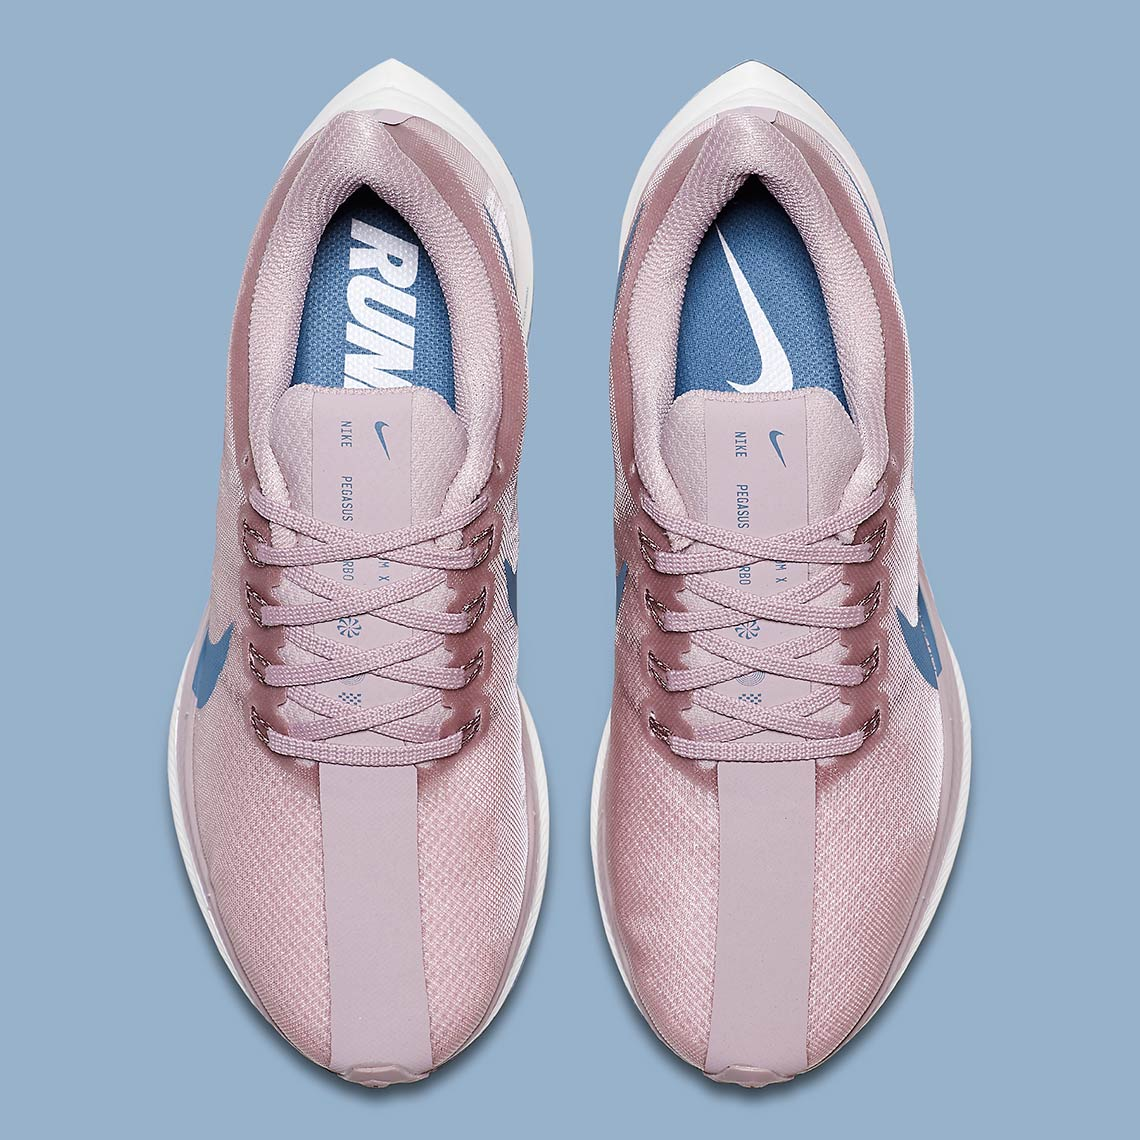 buy online aa268 78327 Nike Zoom Pegasus 35 Turbo AJ4115-646 Buy Now | SneakerNews.com